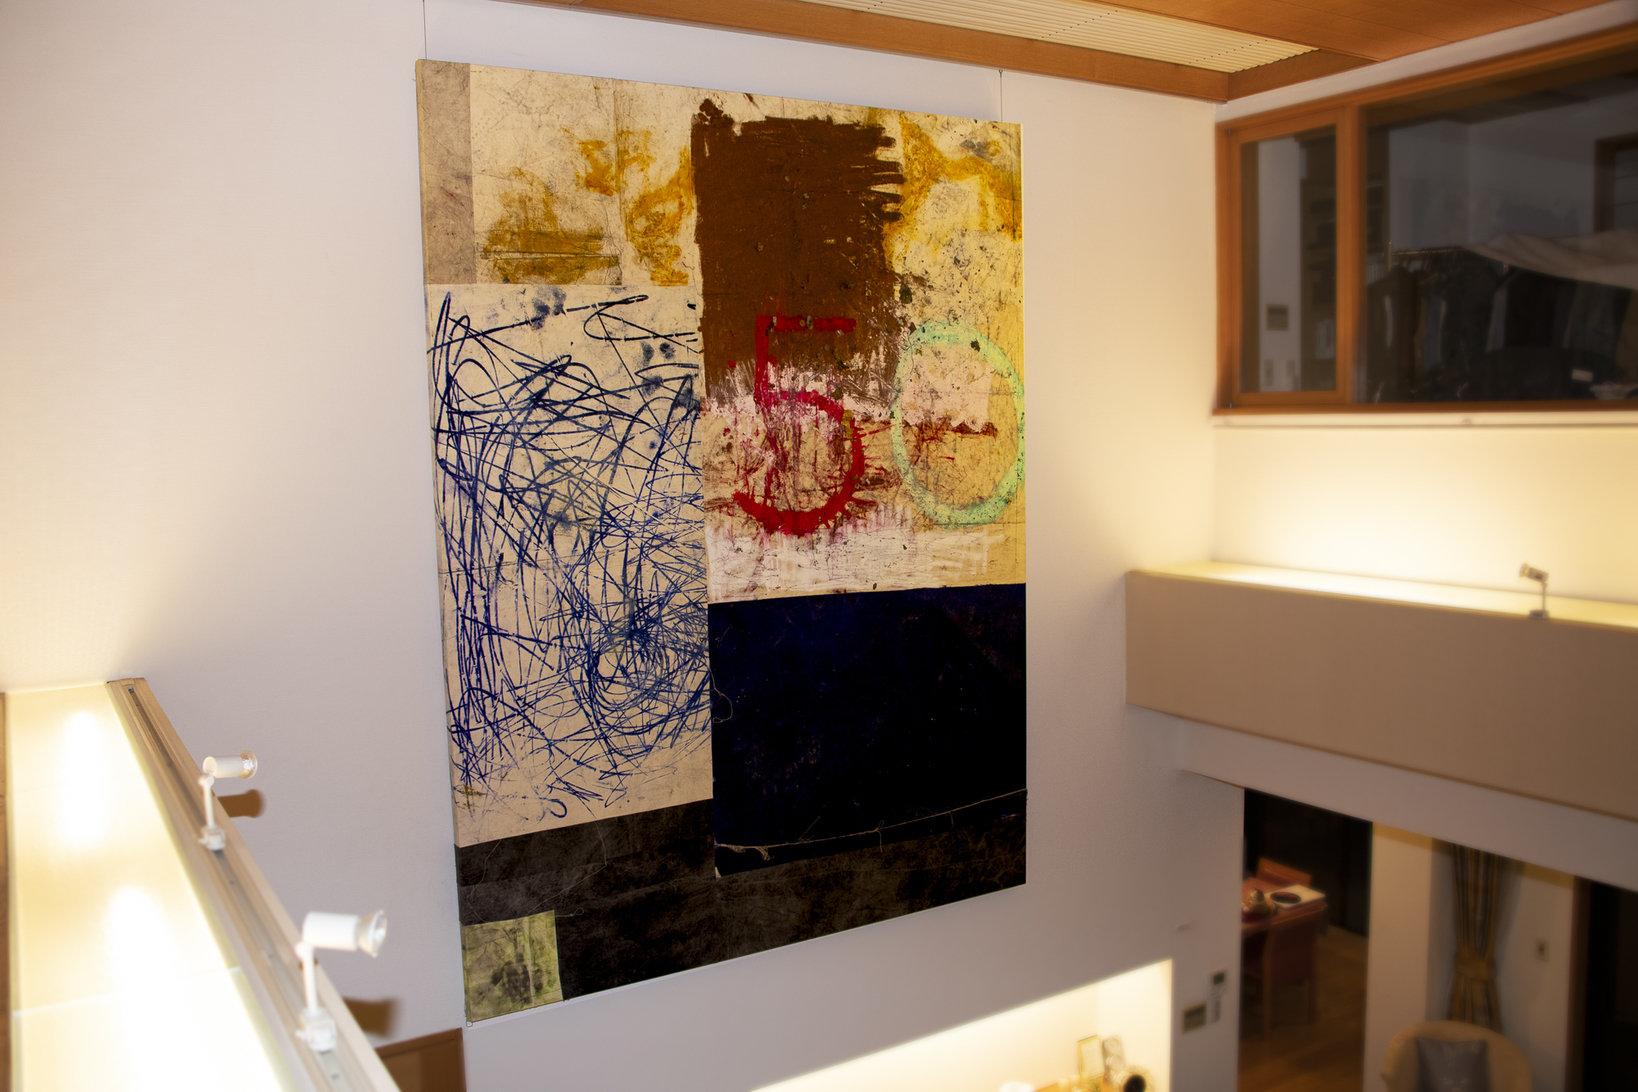 オスカー・ムリーリョ(Oscar MURILLO)の作品。和室や玄関などにも購入した作品が飾られている。